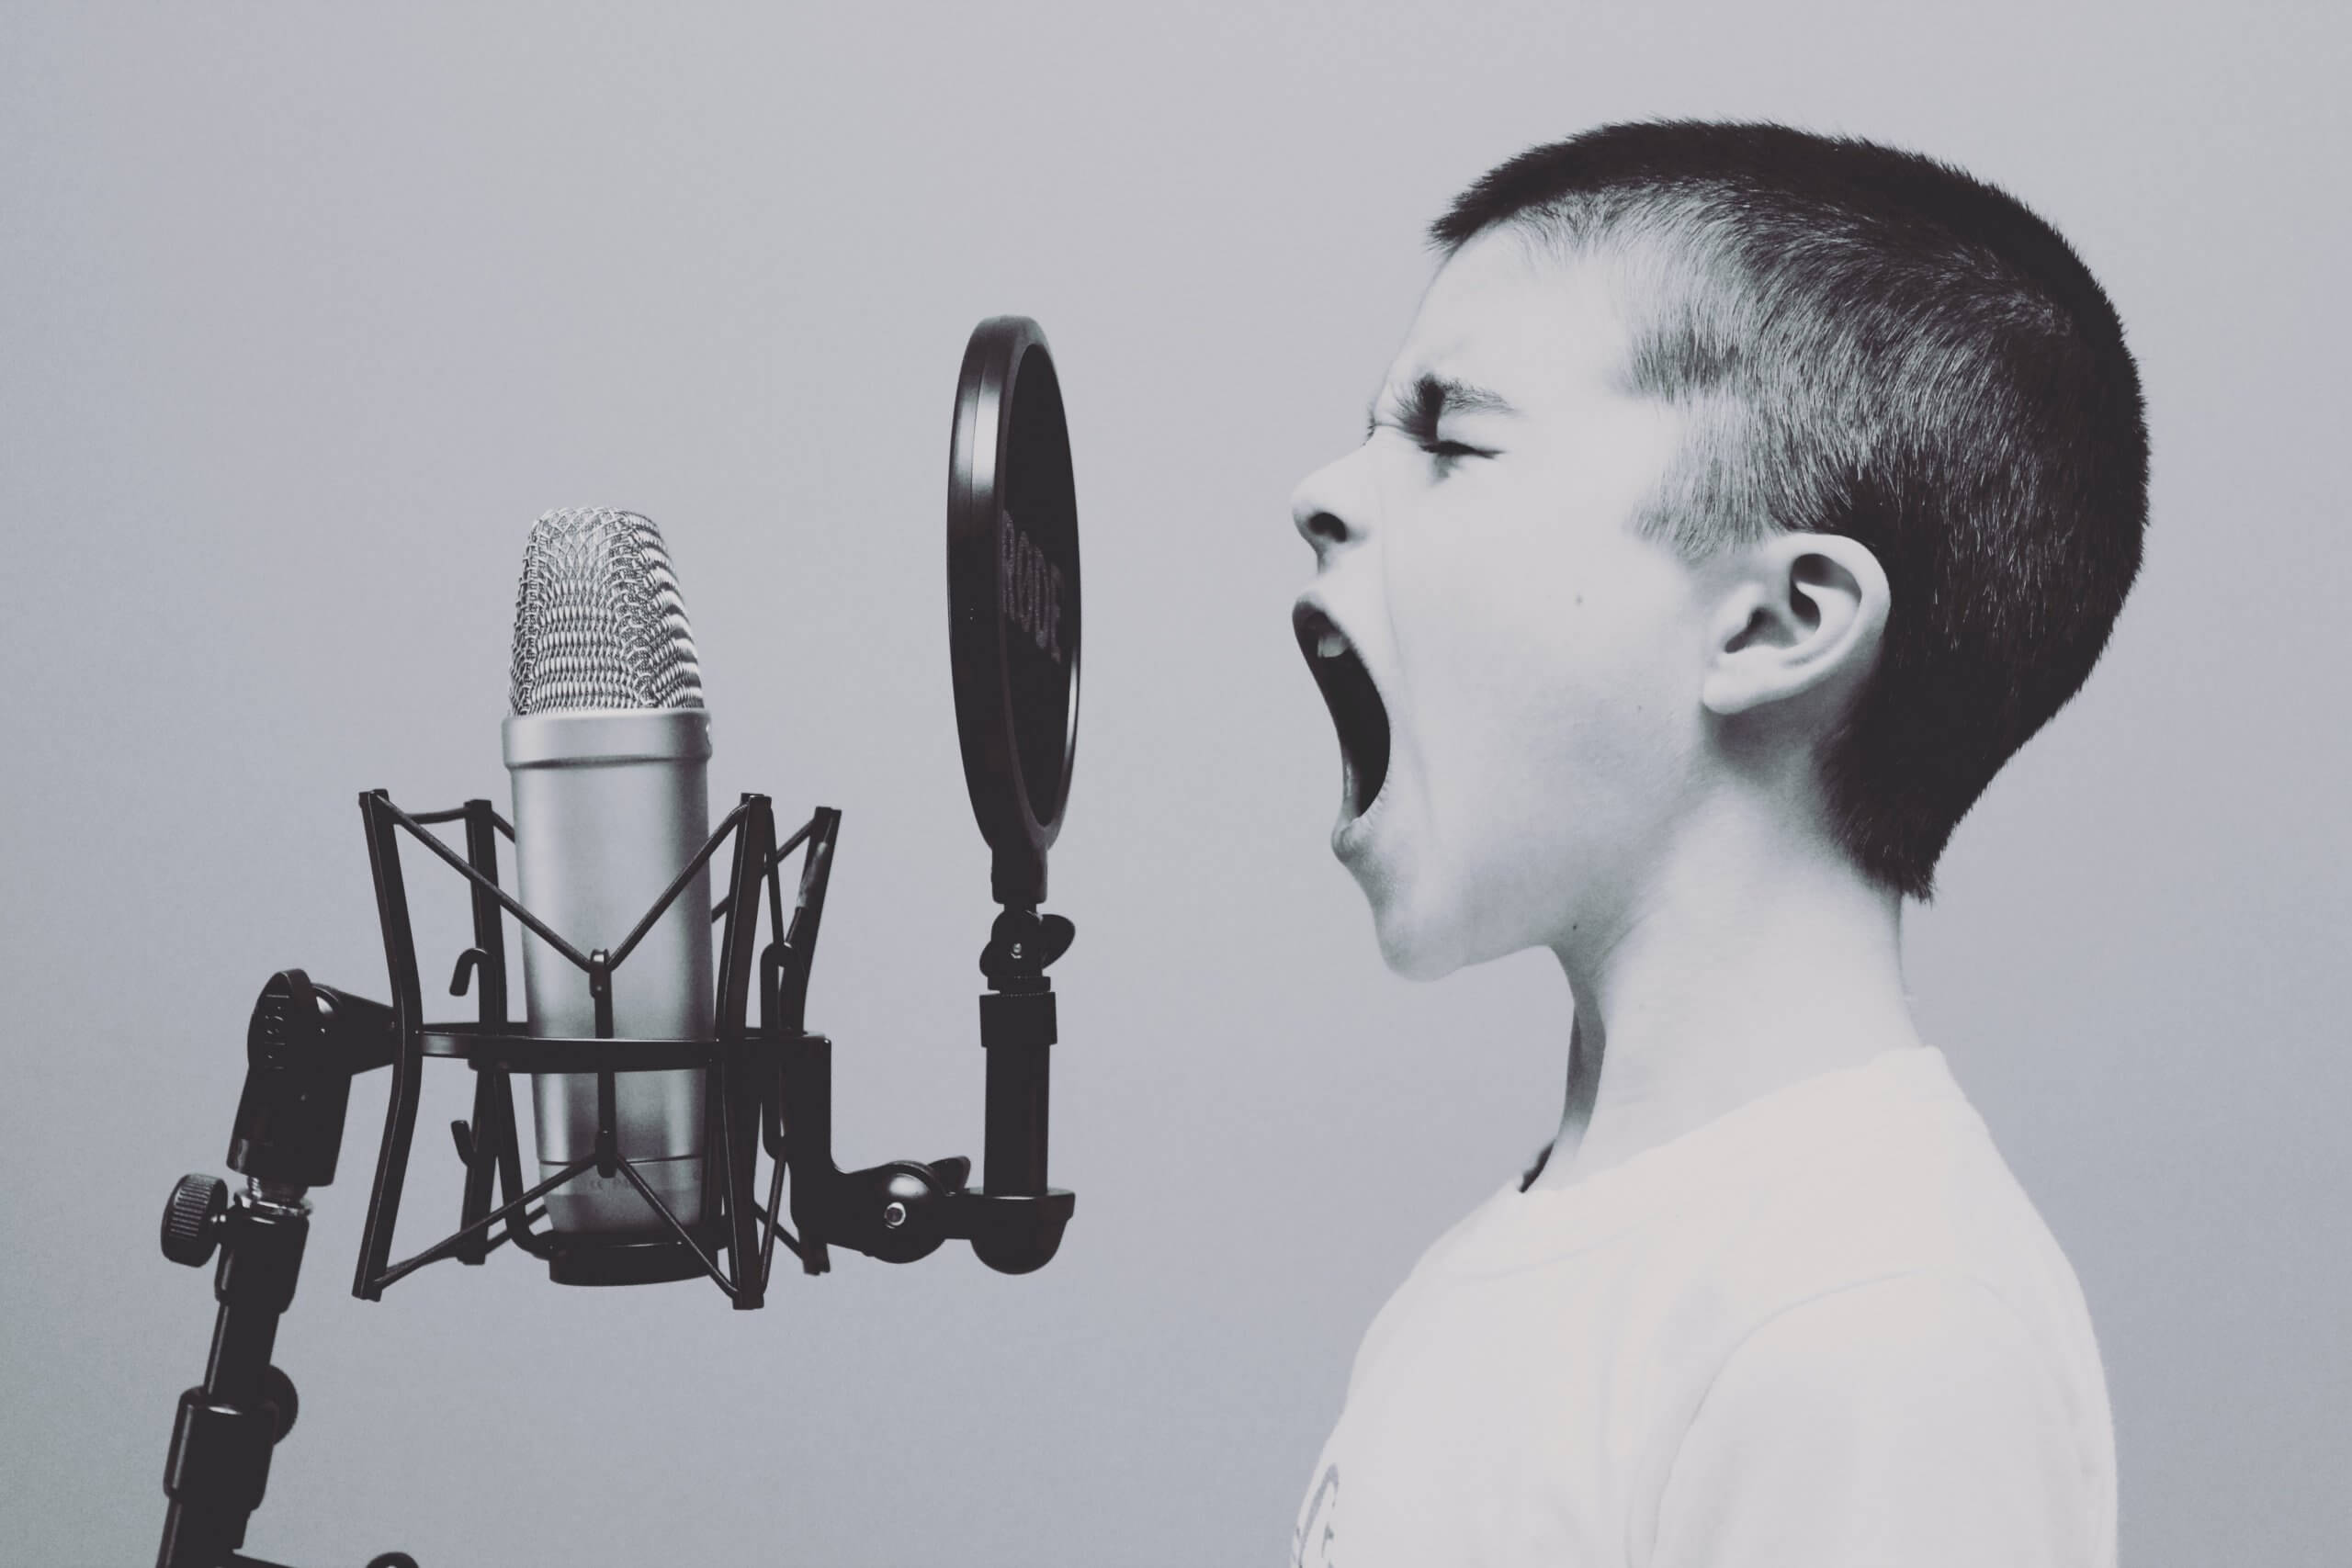 Premiere Proで音量を統一する方法は?動画全体の音量を揃えよう!